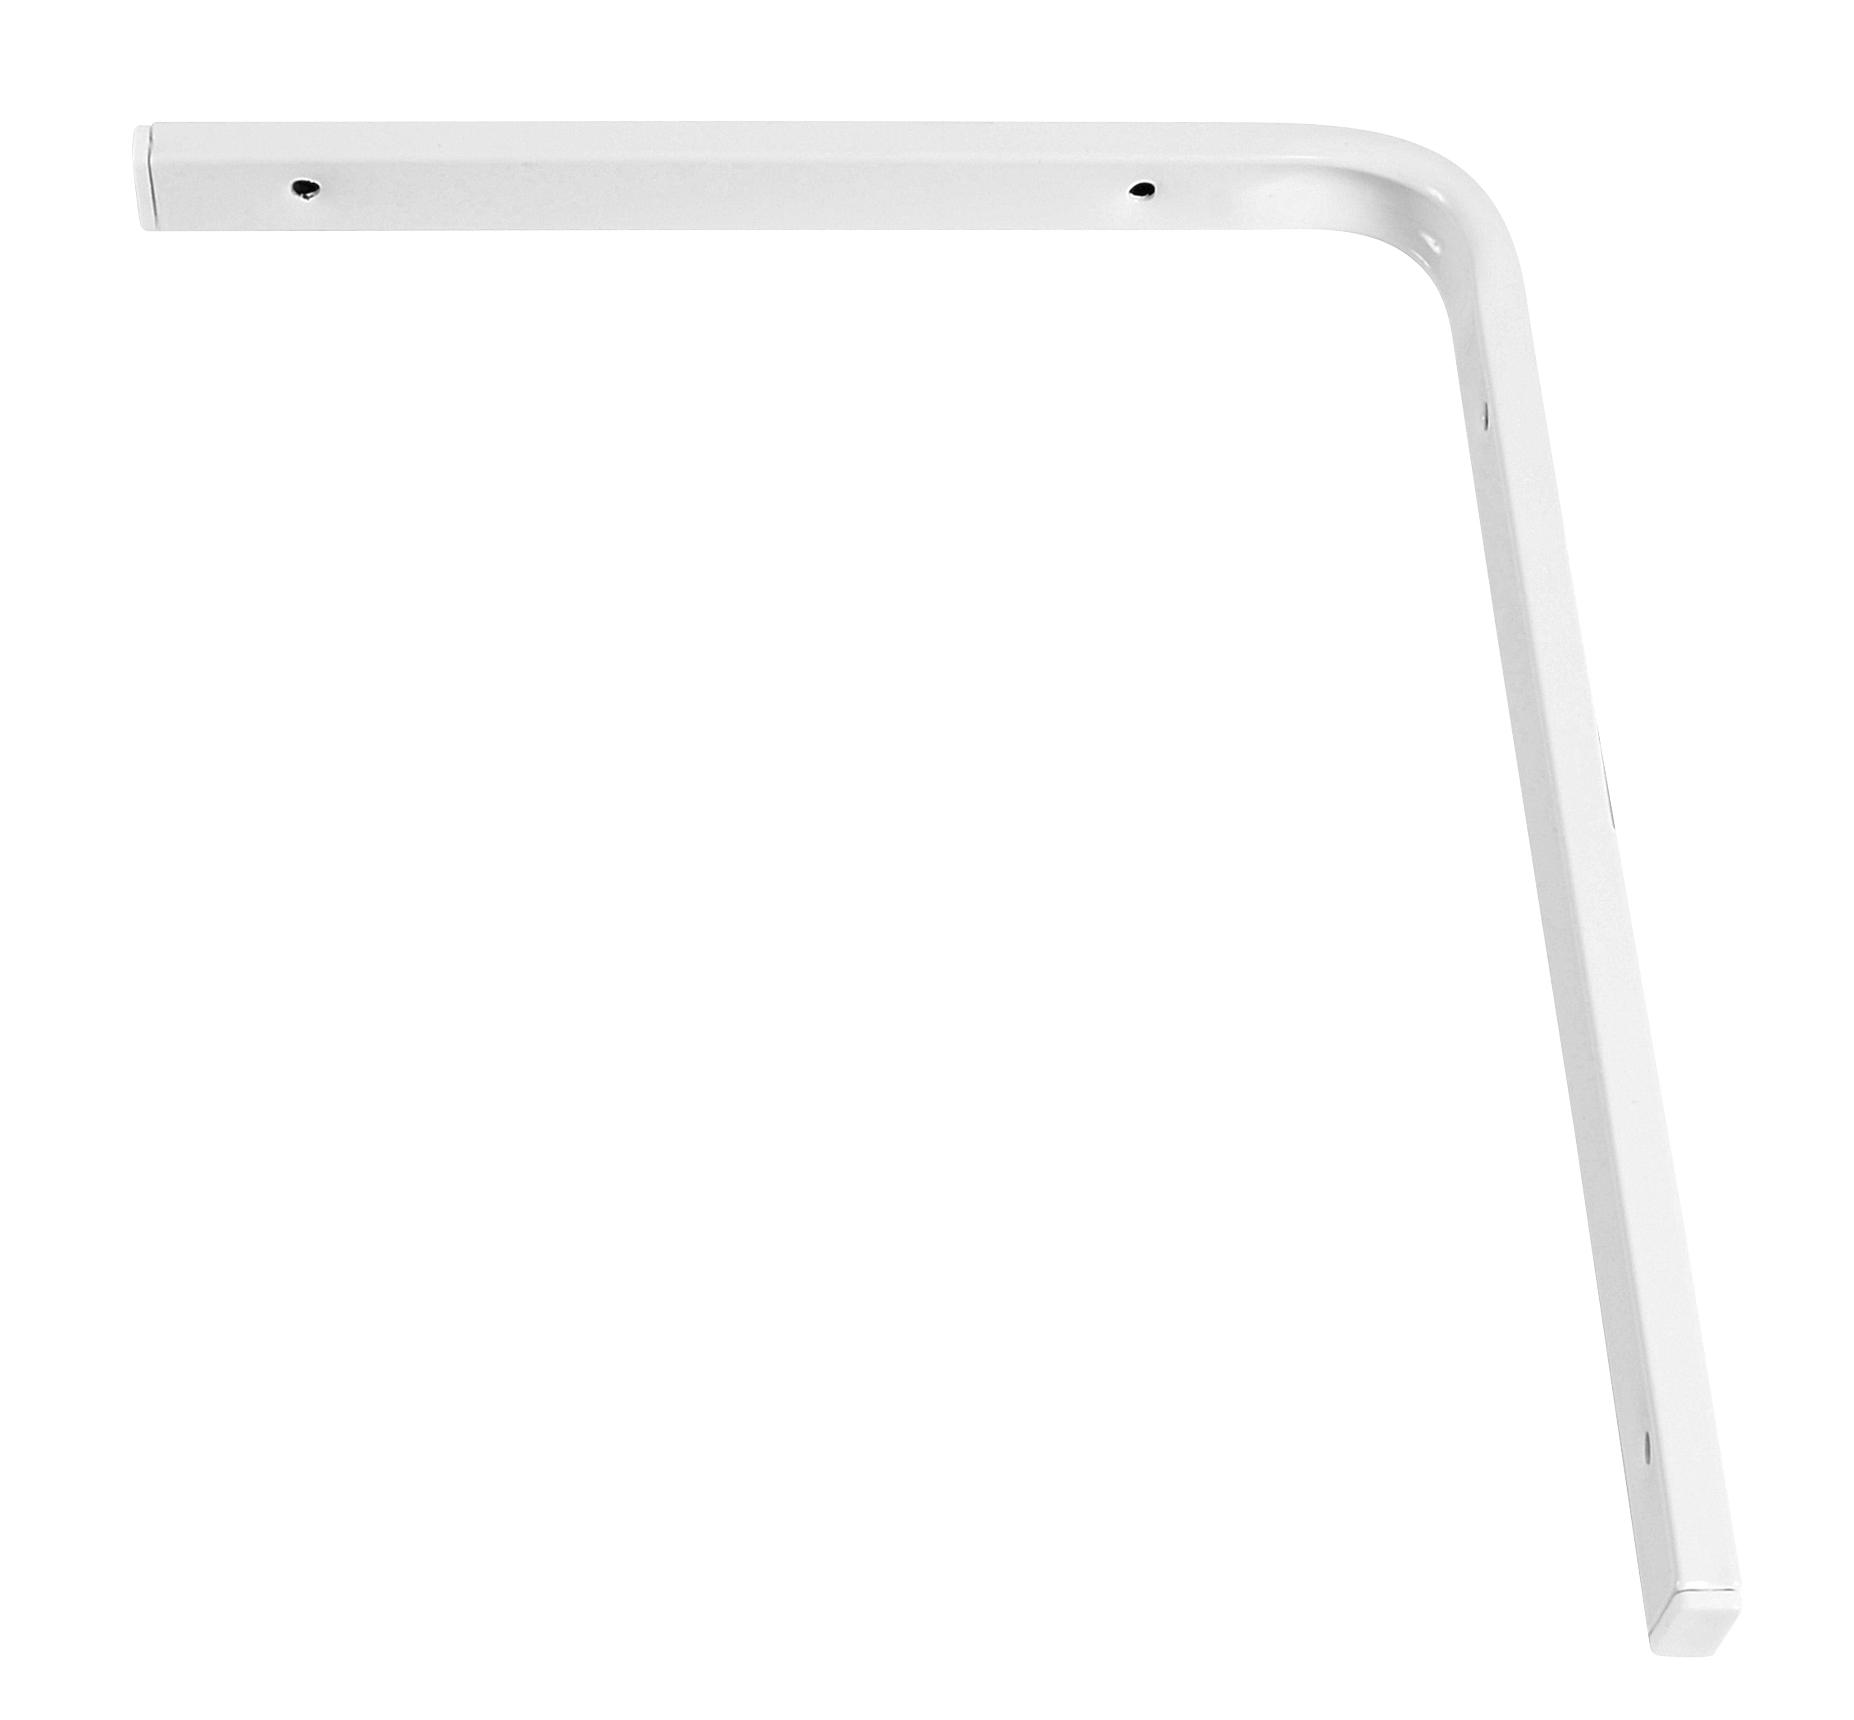 Hyldeknægt F-profil 250x300 mm. - hvid